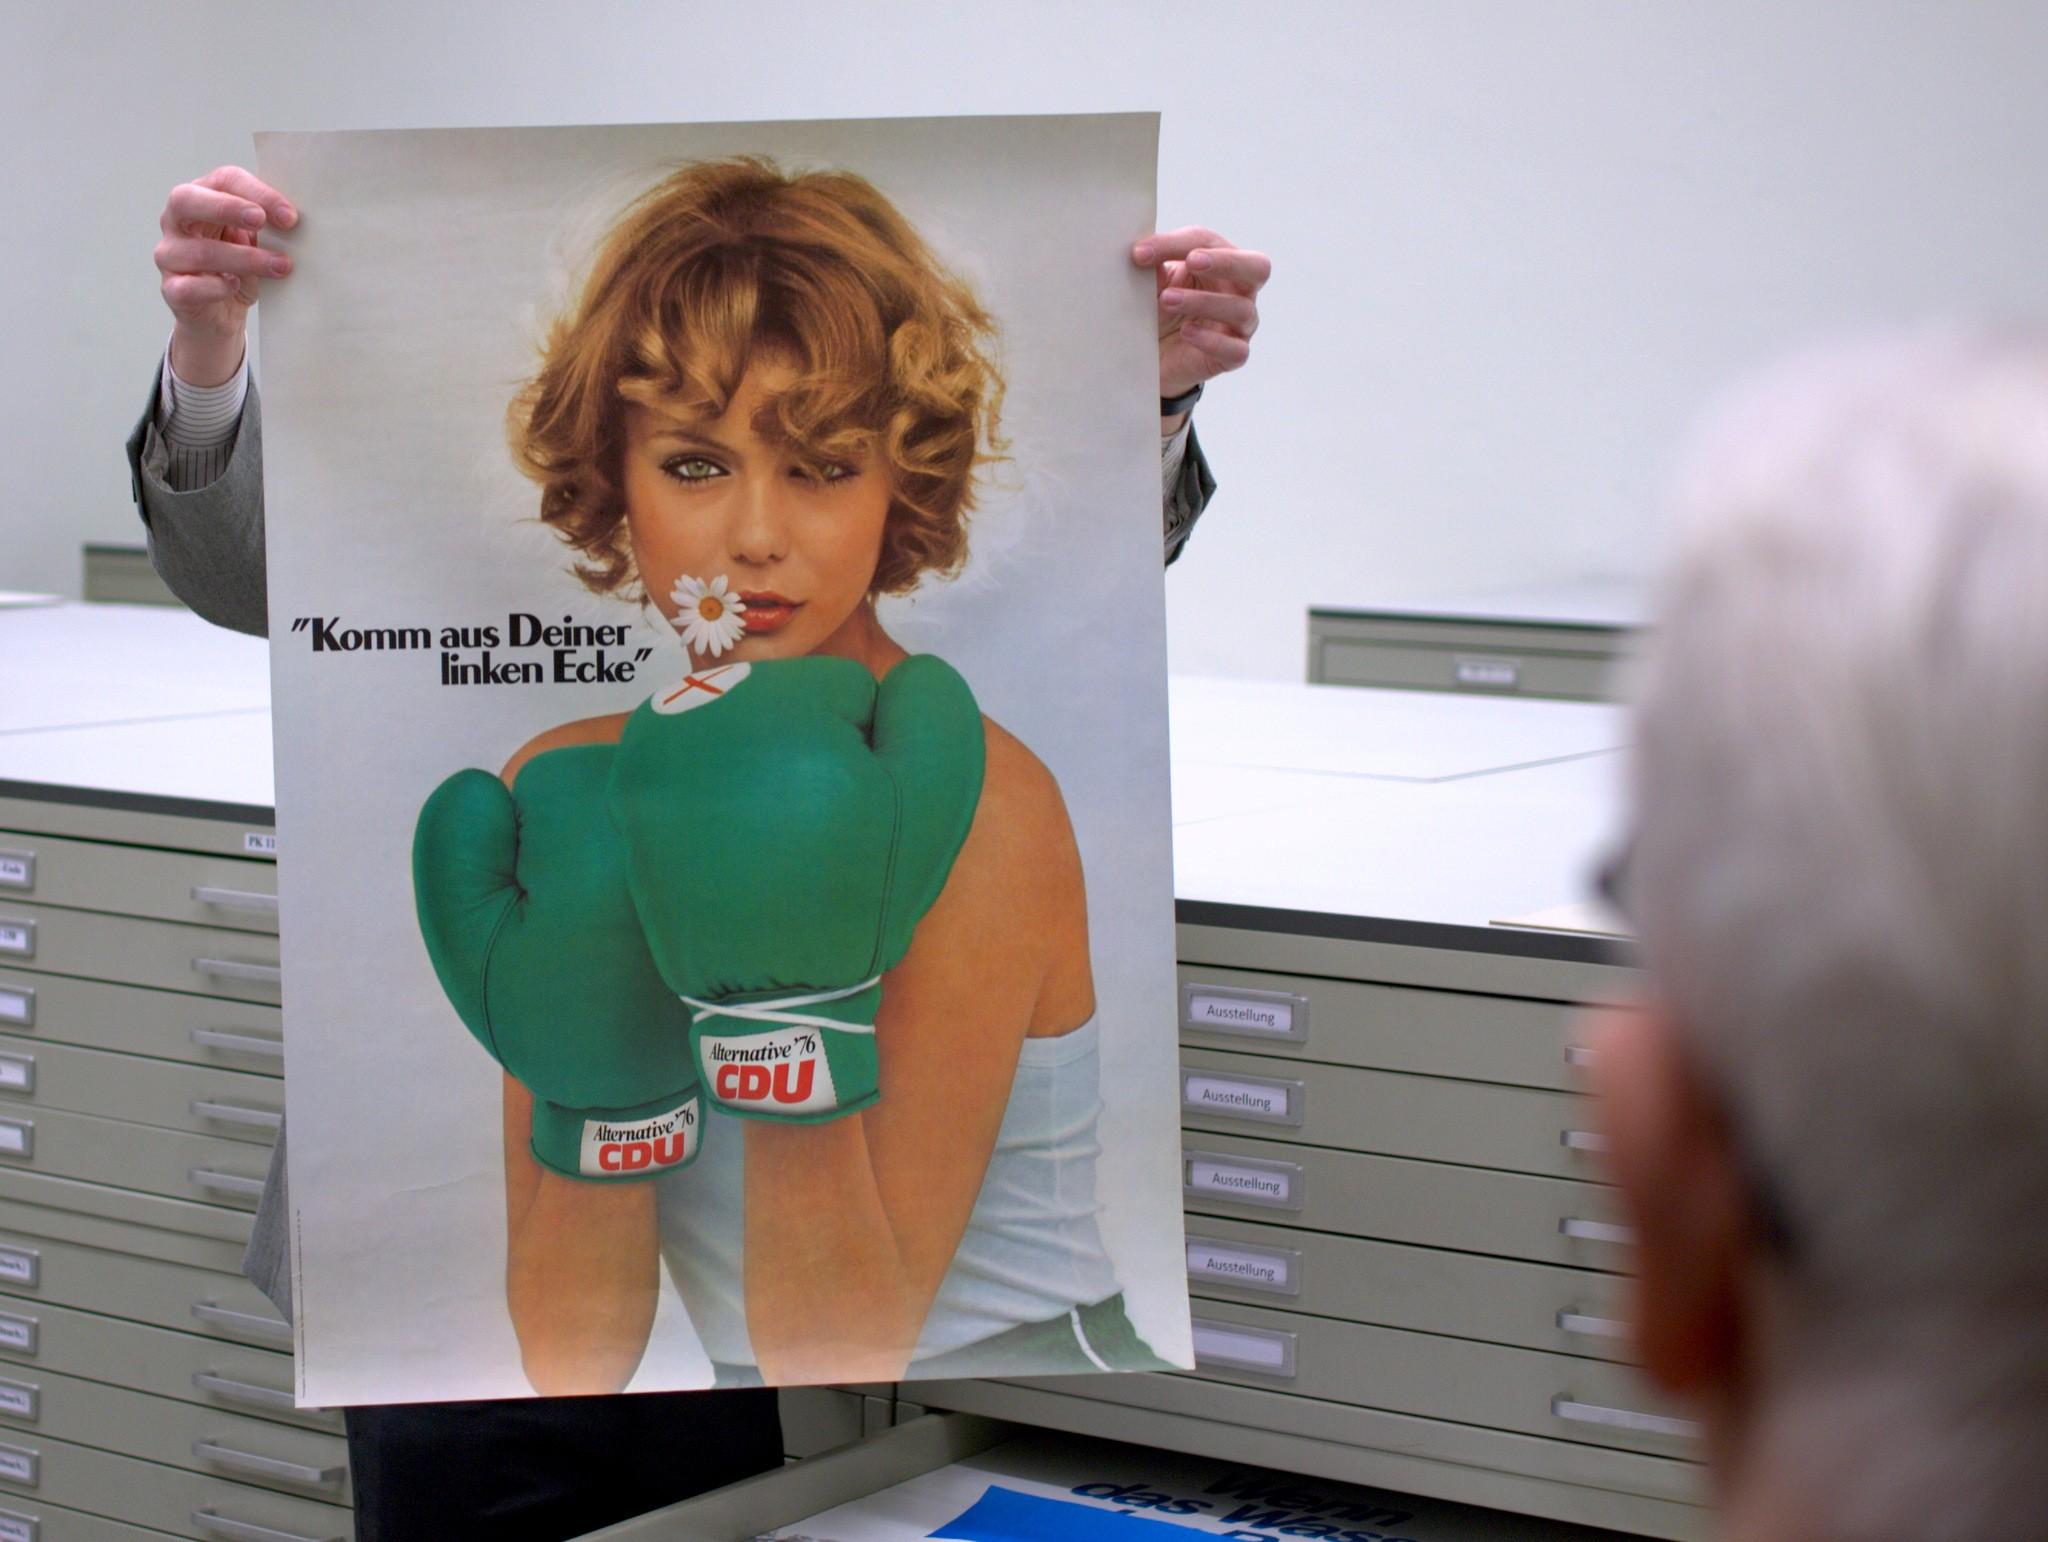 Wahlplakat der CDU: Komm aus Deiner linken Ecke. 1976.